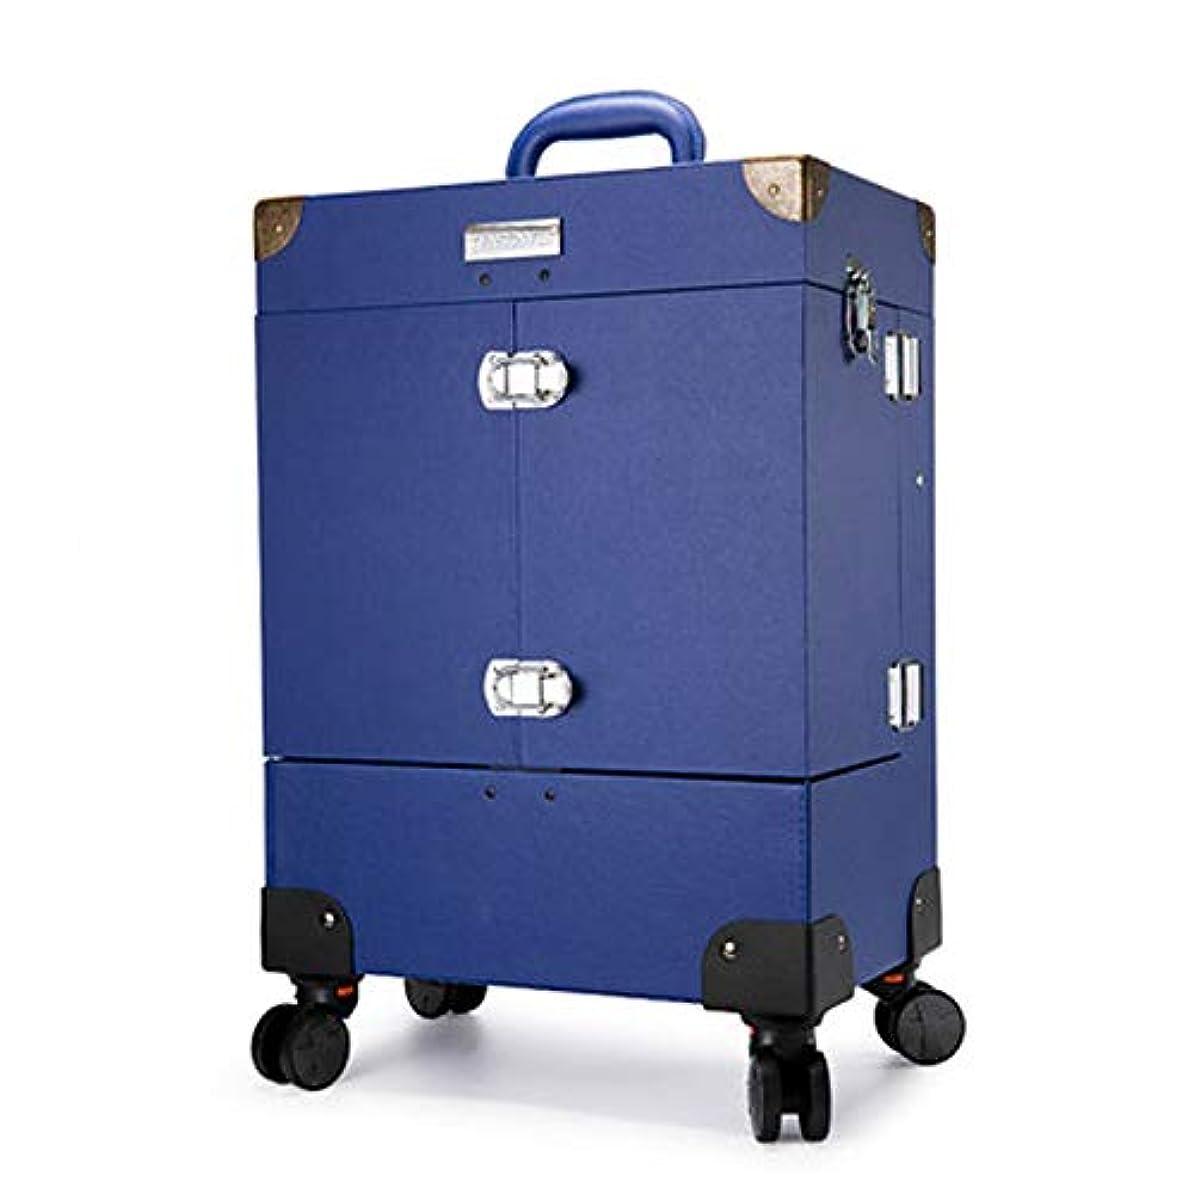 デンマーク通知する保証金プロ専用 ネイリスト クローゼット スーツケース ネイル収納 メイクボックス キャリーバッグ ヘアメイク ネイル 大容量 軽量 高品質 多機能 プロ I-JL-3505T-BL